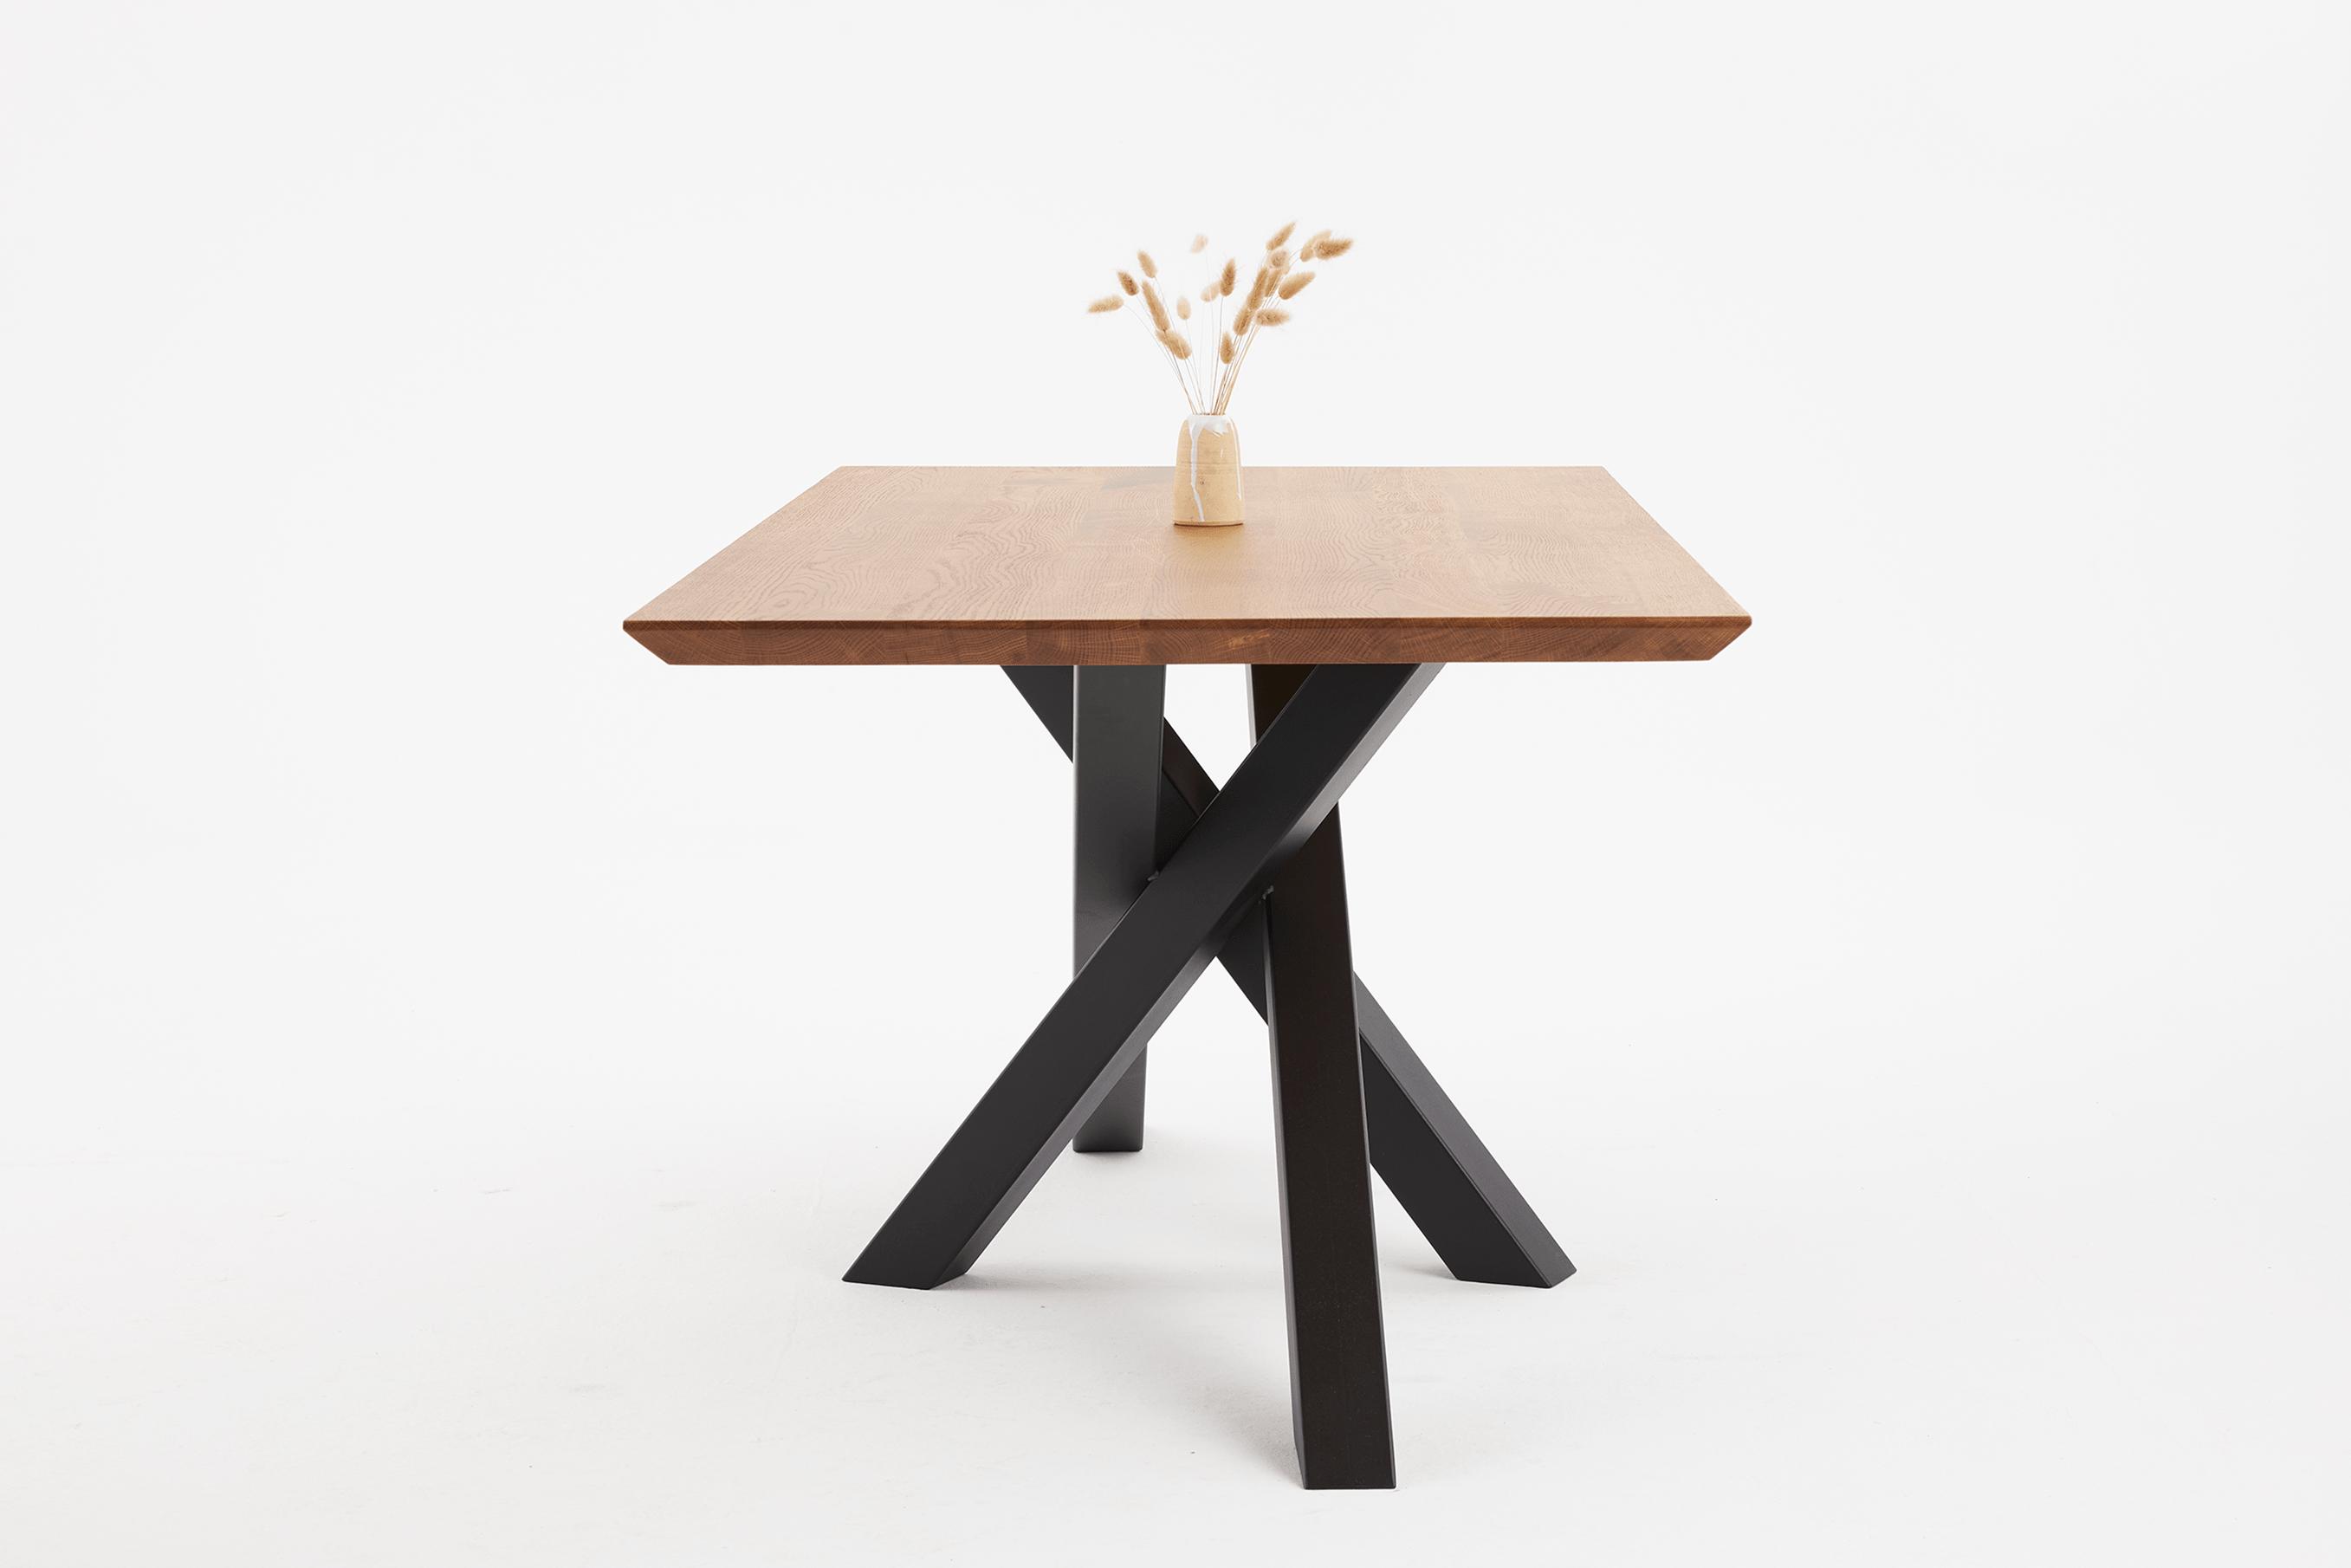 Stół dębowy z nogami w kolorze dąb brunat, stół na zamówinie pająk, nowoczesny stół dębowy rozkładany